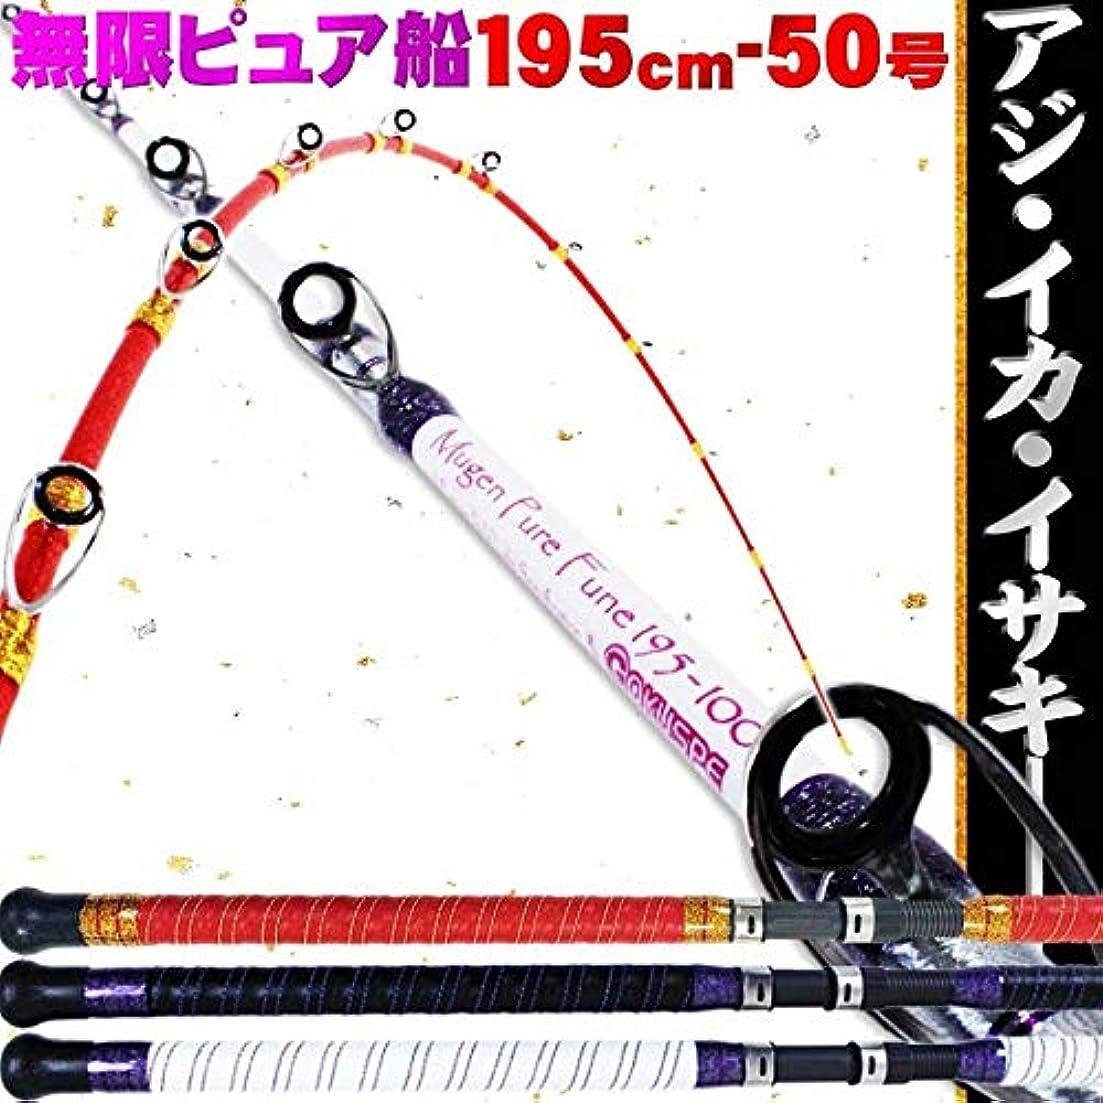 普及枝アルファベット順アジ イサキに 18'無限ピュア船 195-50号 Purple Edition [ホワイト/ブラック] (goku-mpf-195-50)